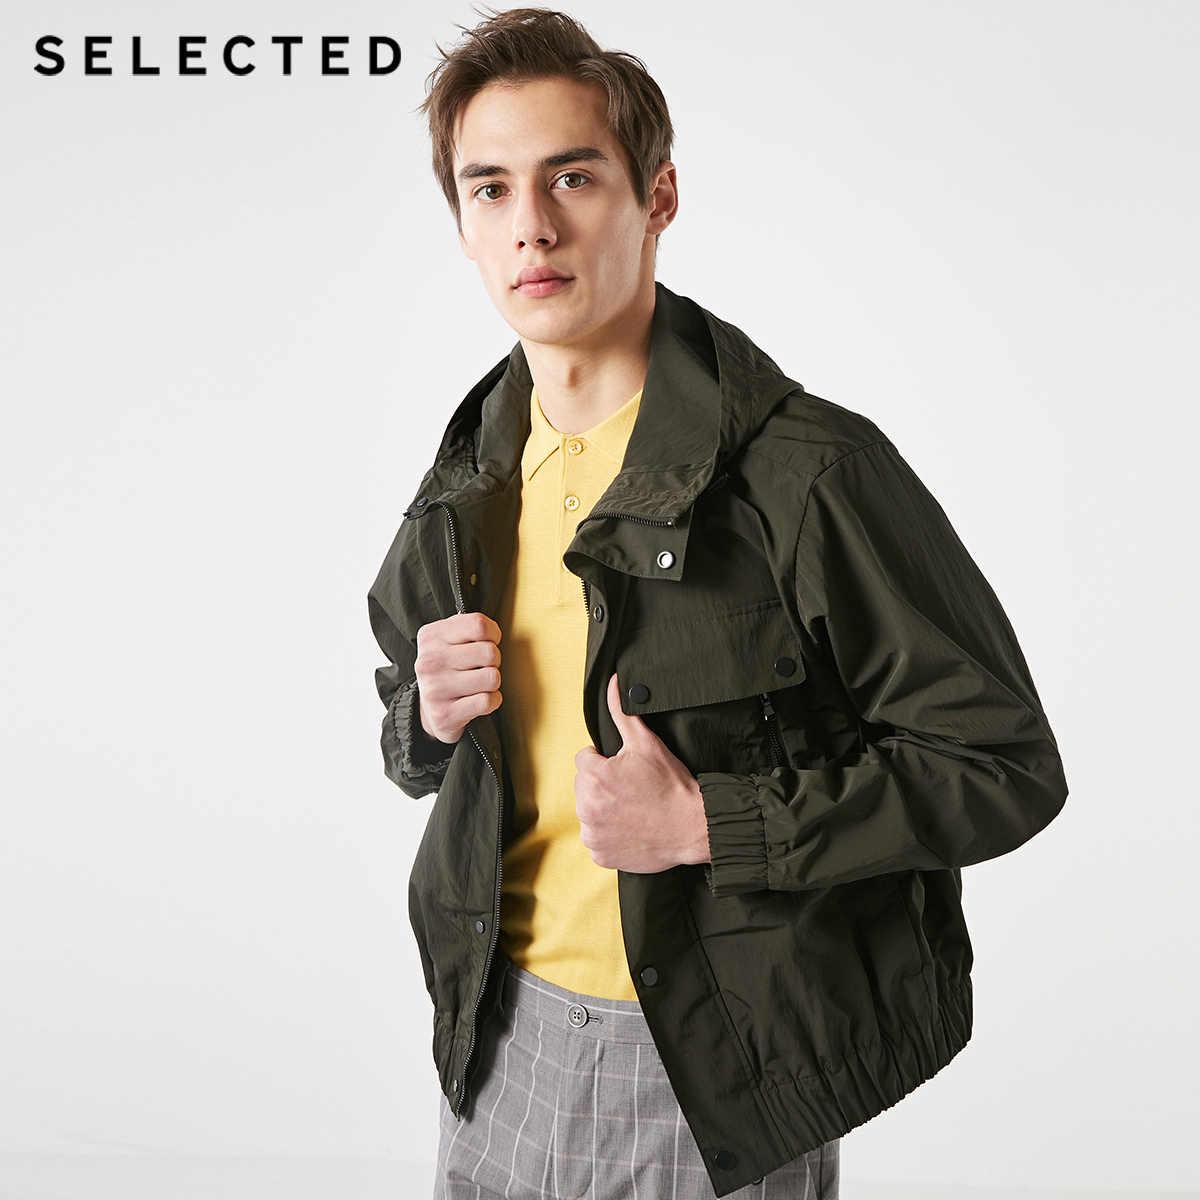 選択春無地カラー作業服フード付きビジネスカジュアル男性のジャケット s | 4191OM540